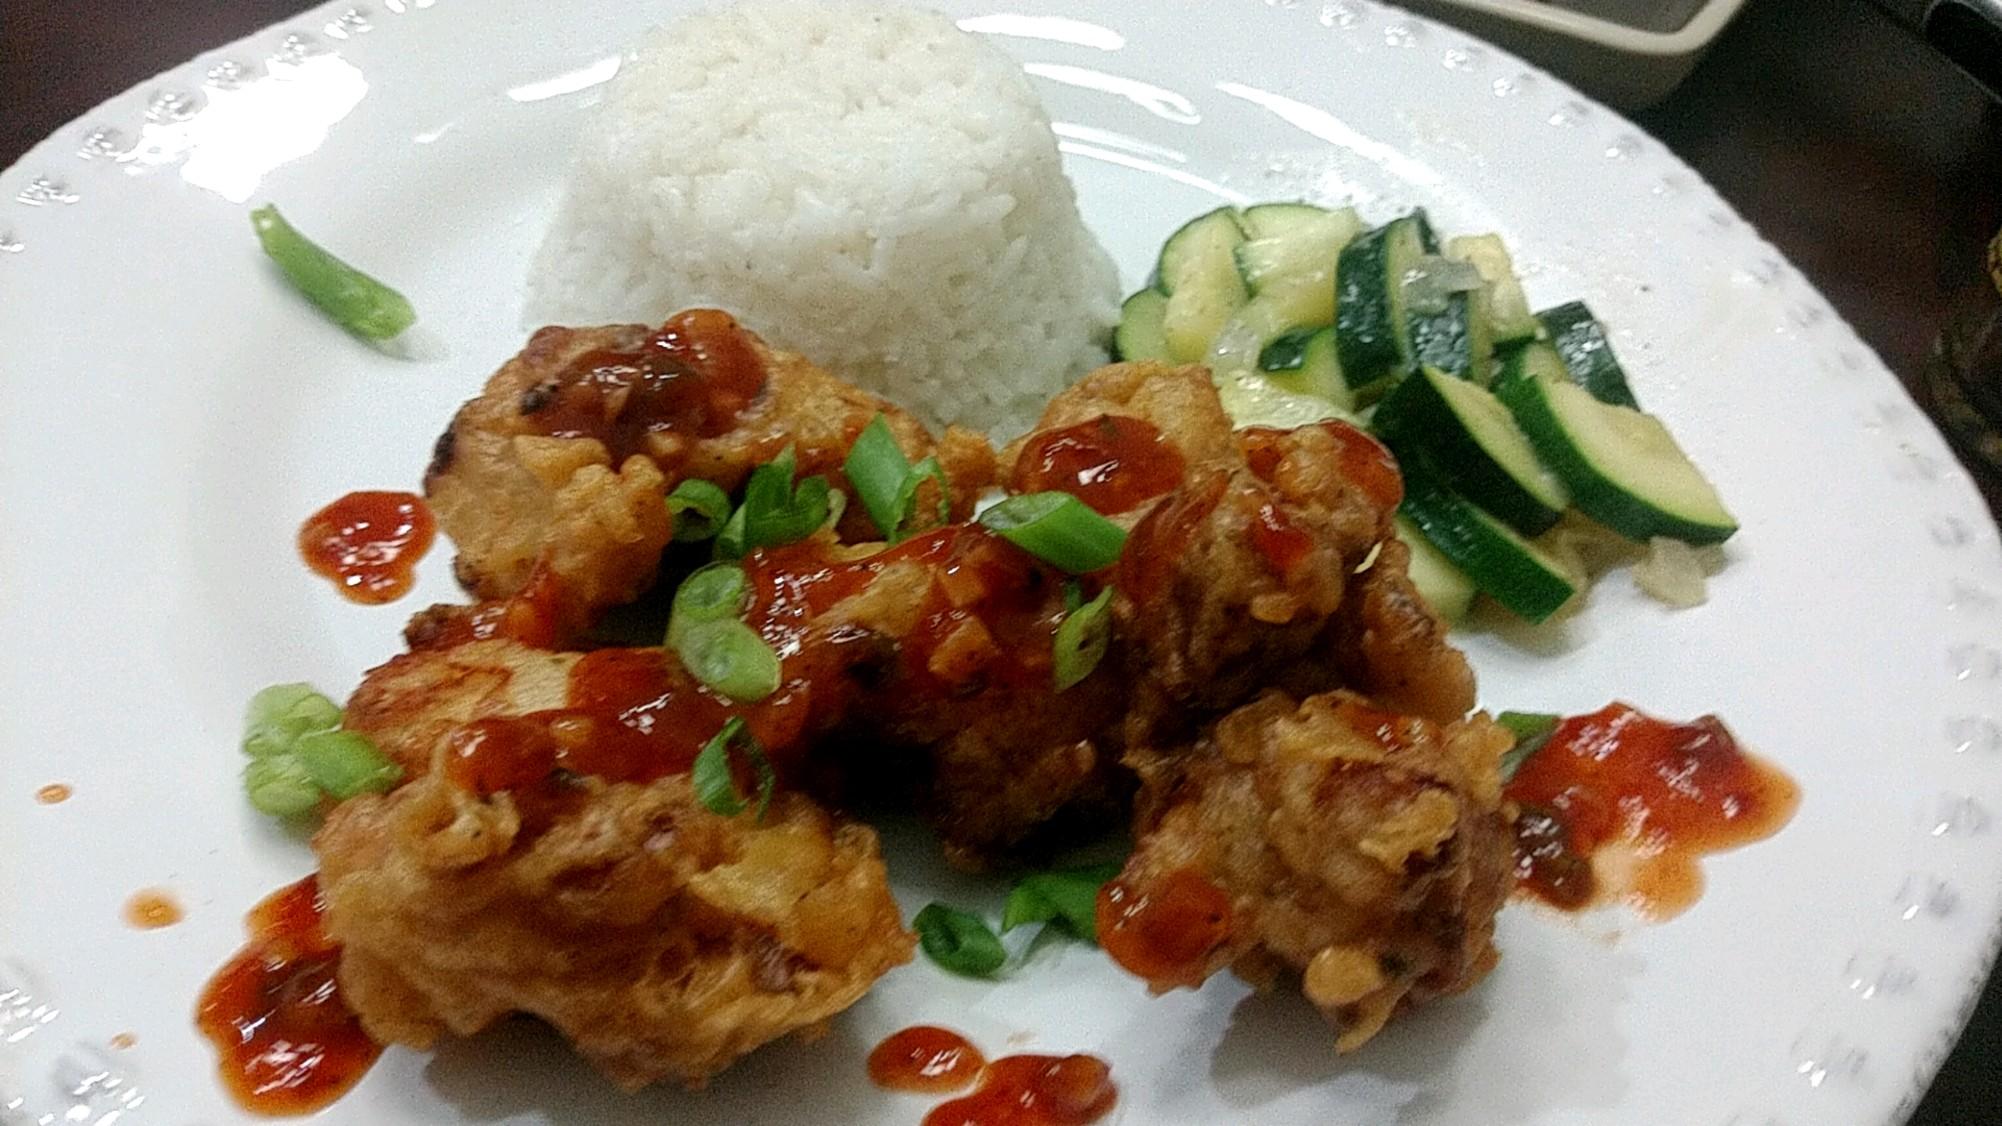 Korean Fried Chicken David Miller